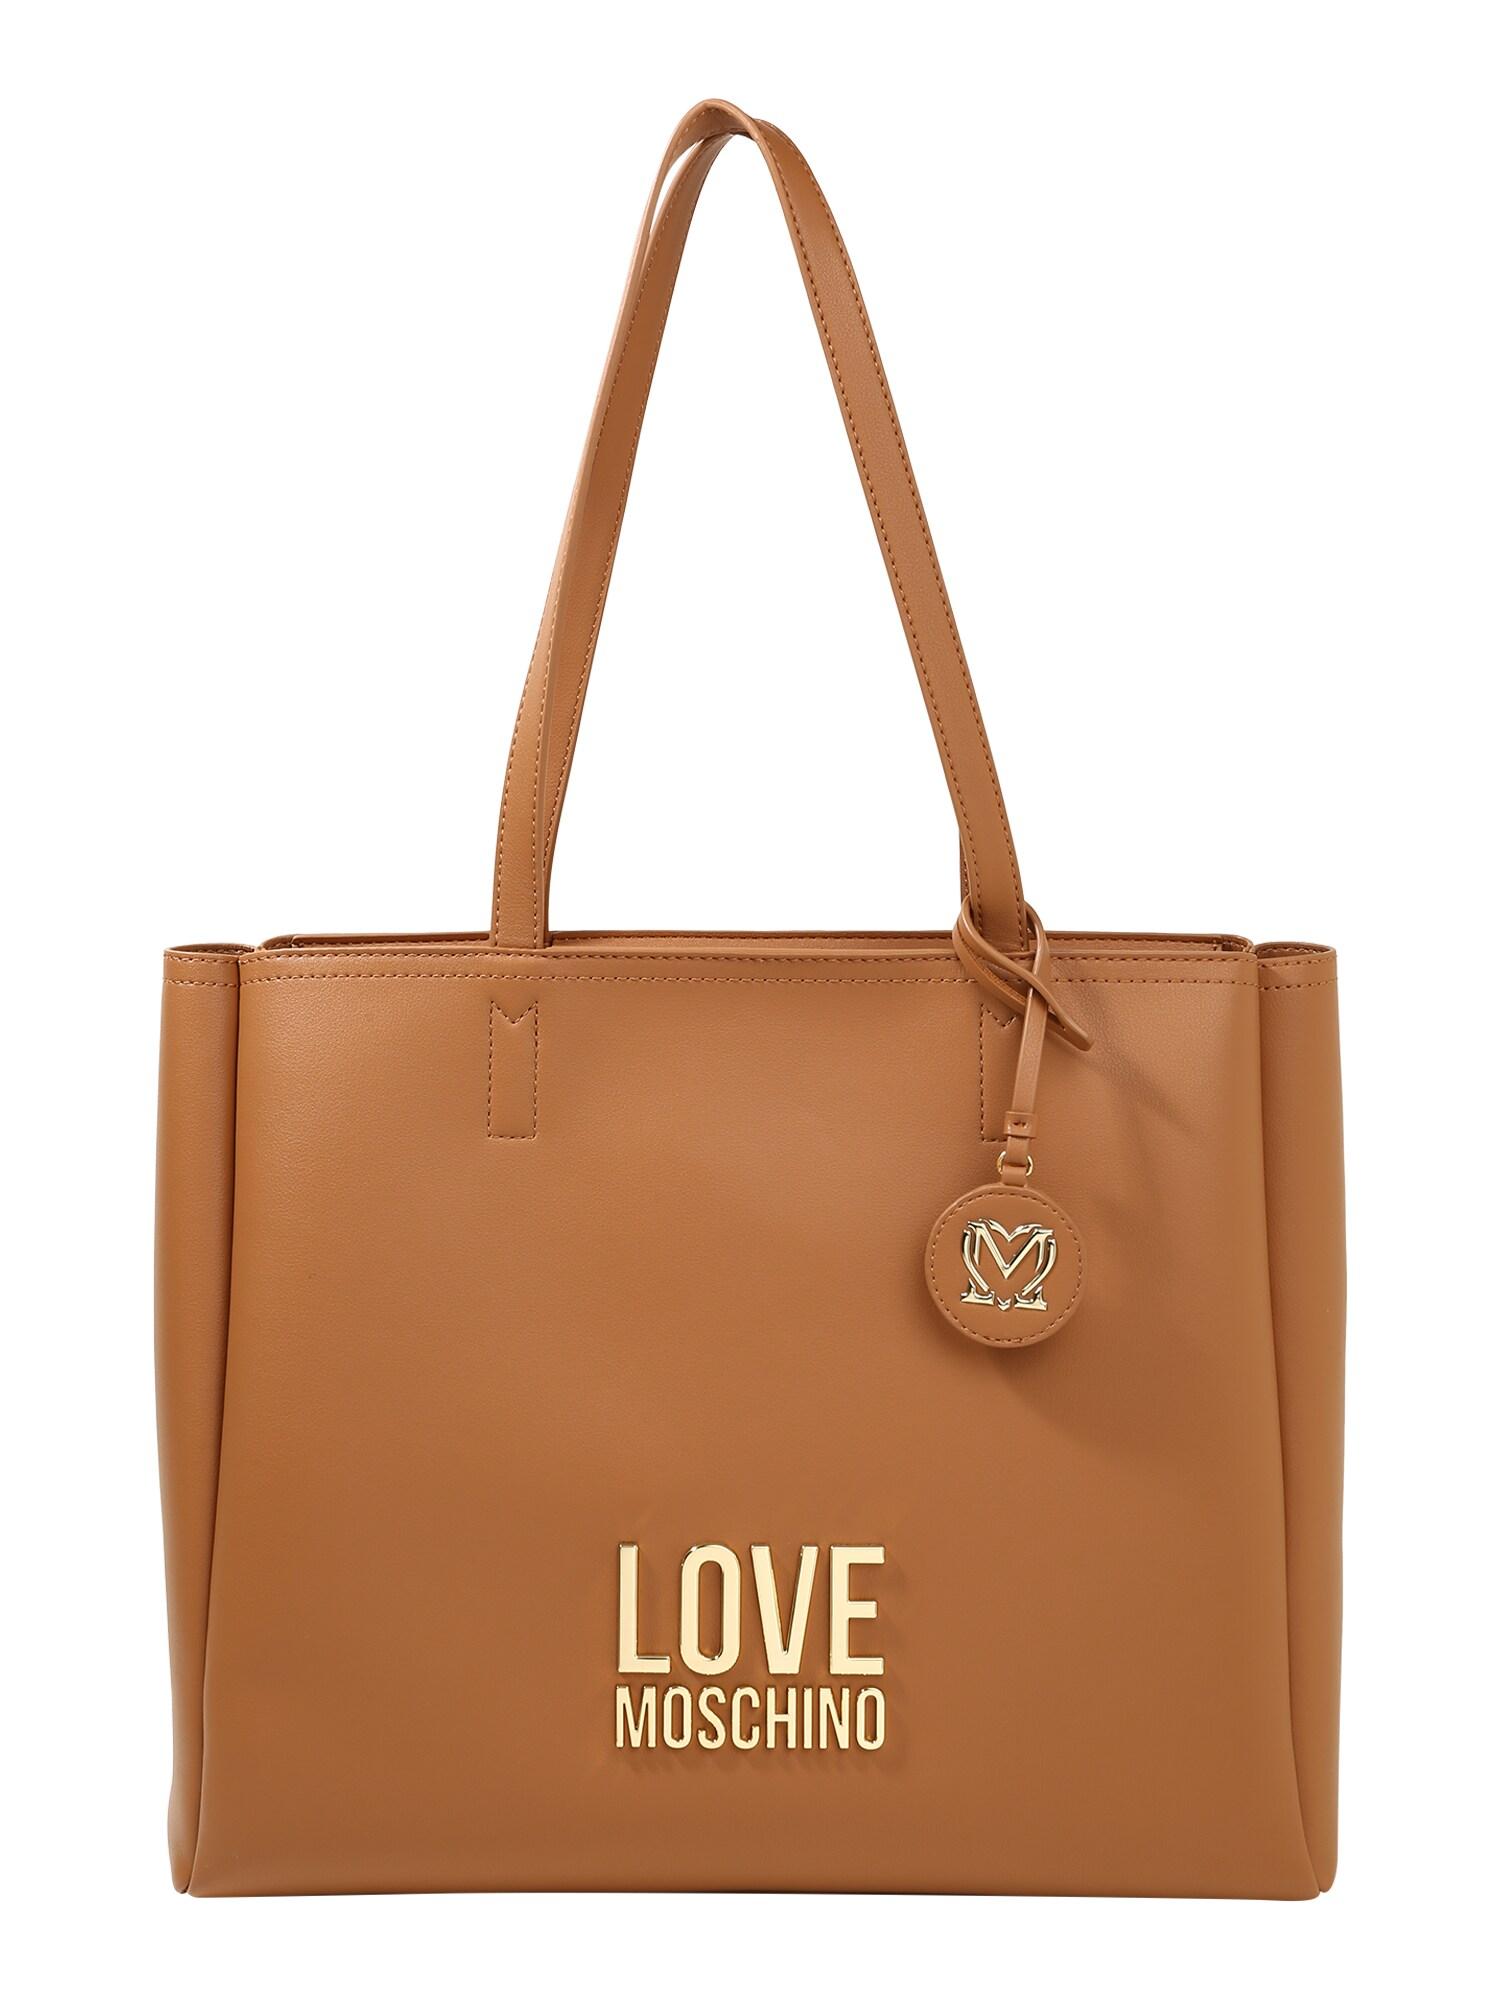 Love Moschino Pirkinių krepšys ruda (konjako)